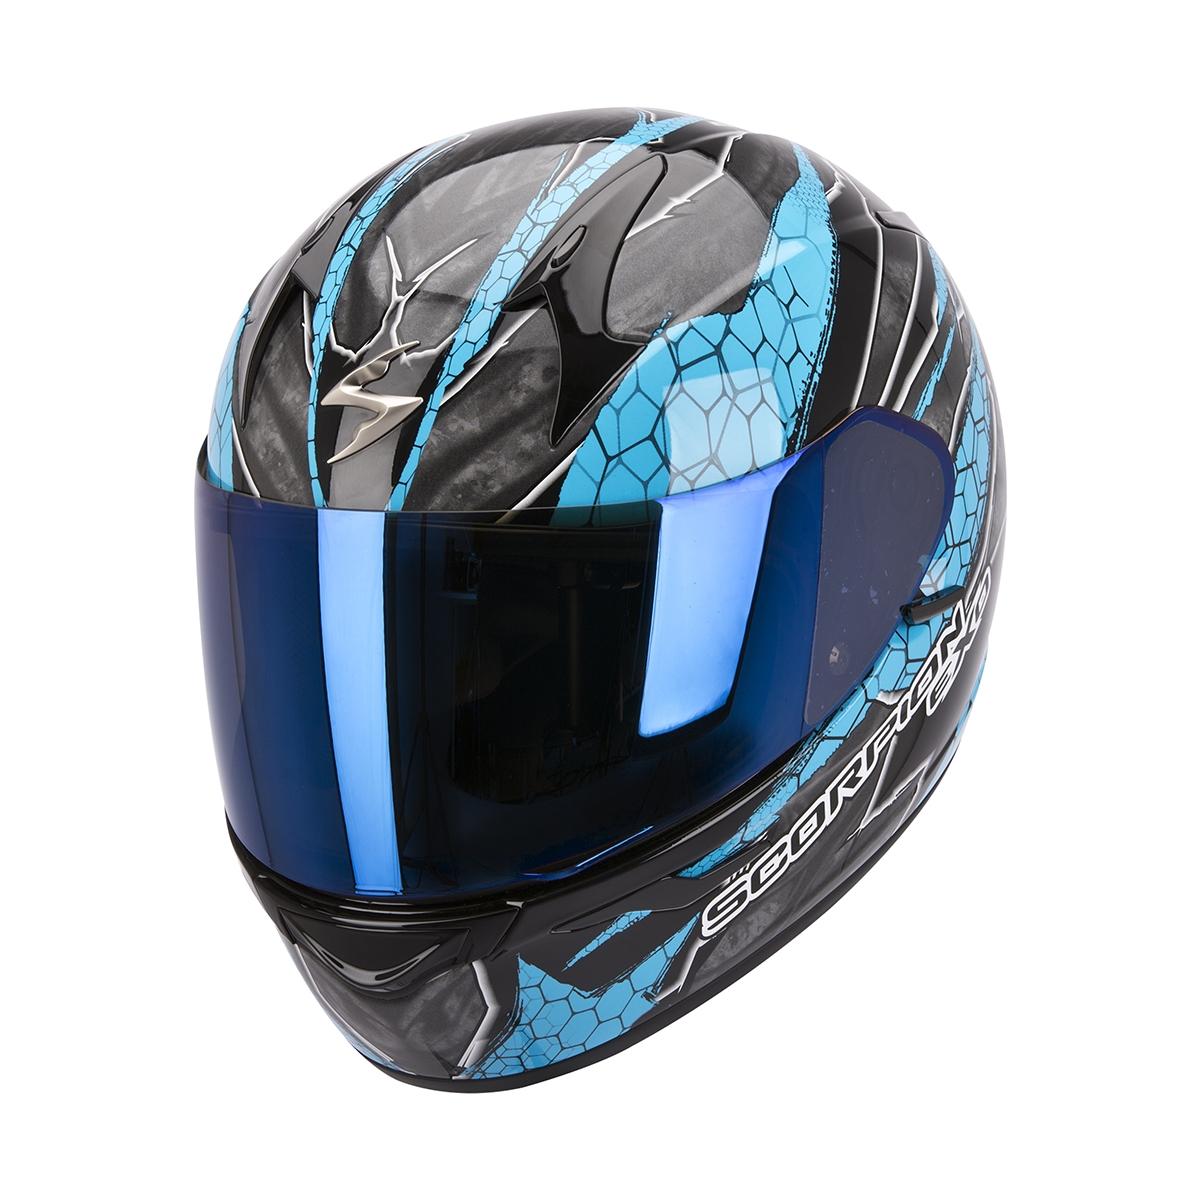 Casque intégral Scorpion EXO-410 AIR Rad Noir/Bleu - XL